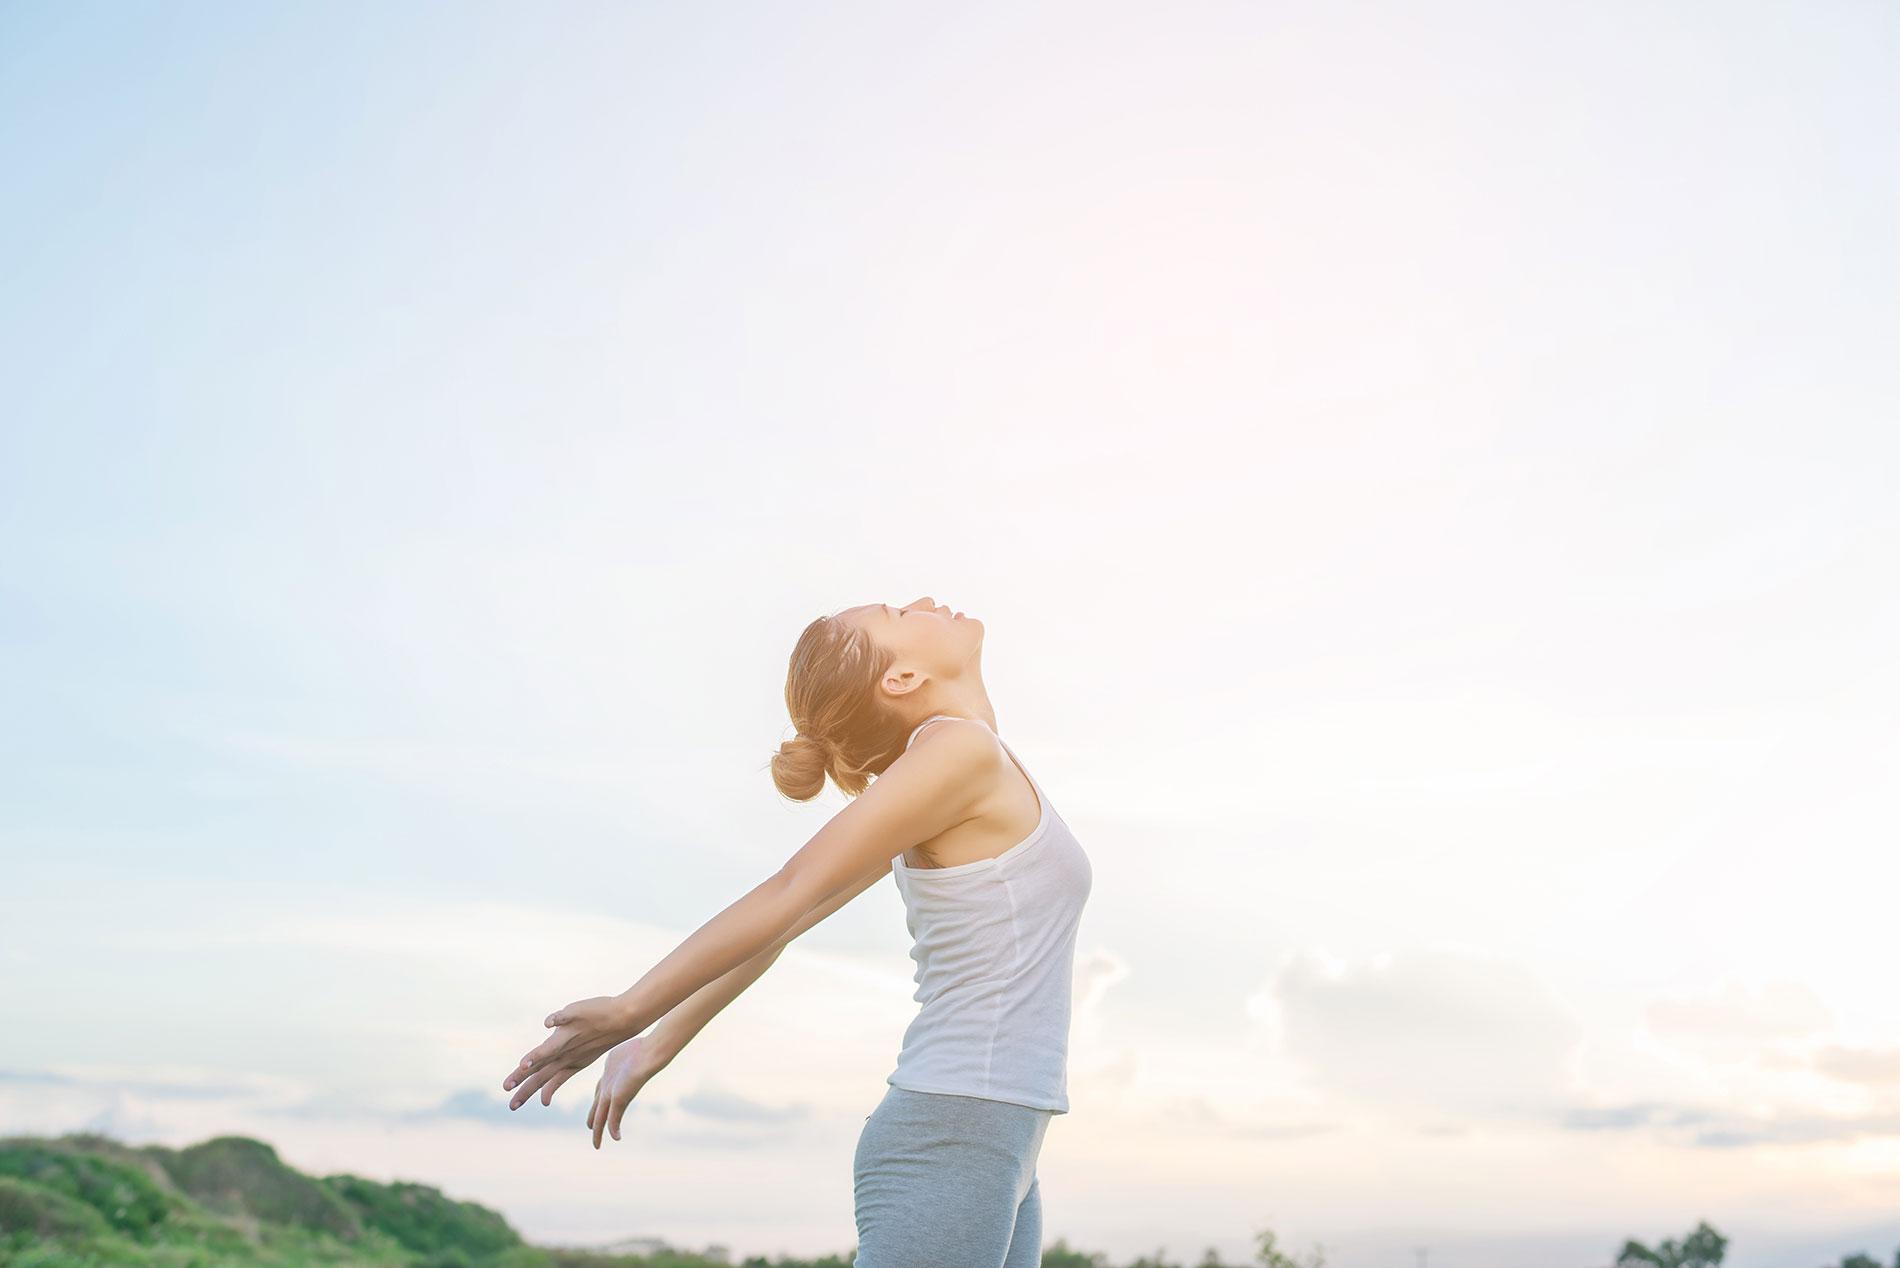 ATENTOS. Qué es Mindfulness y qué beneficios aporta.